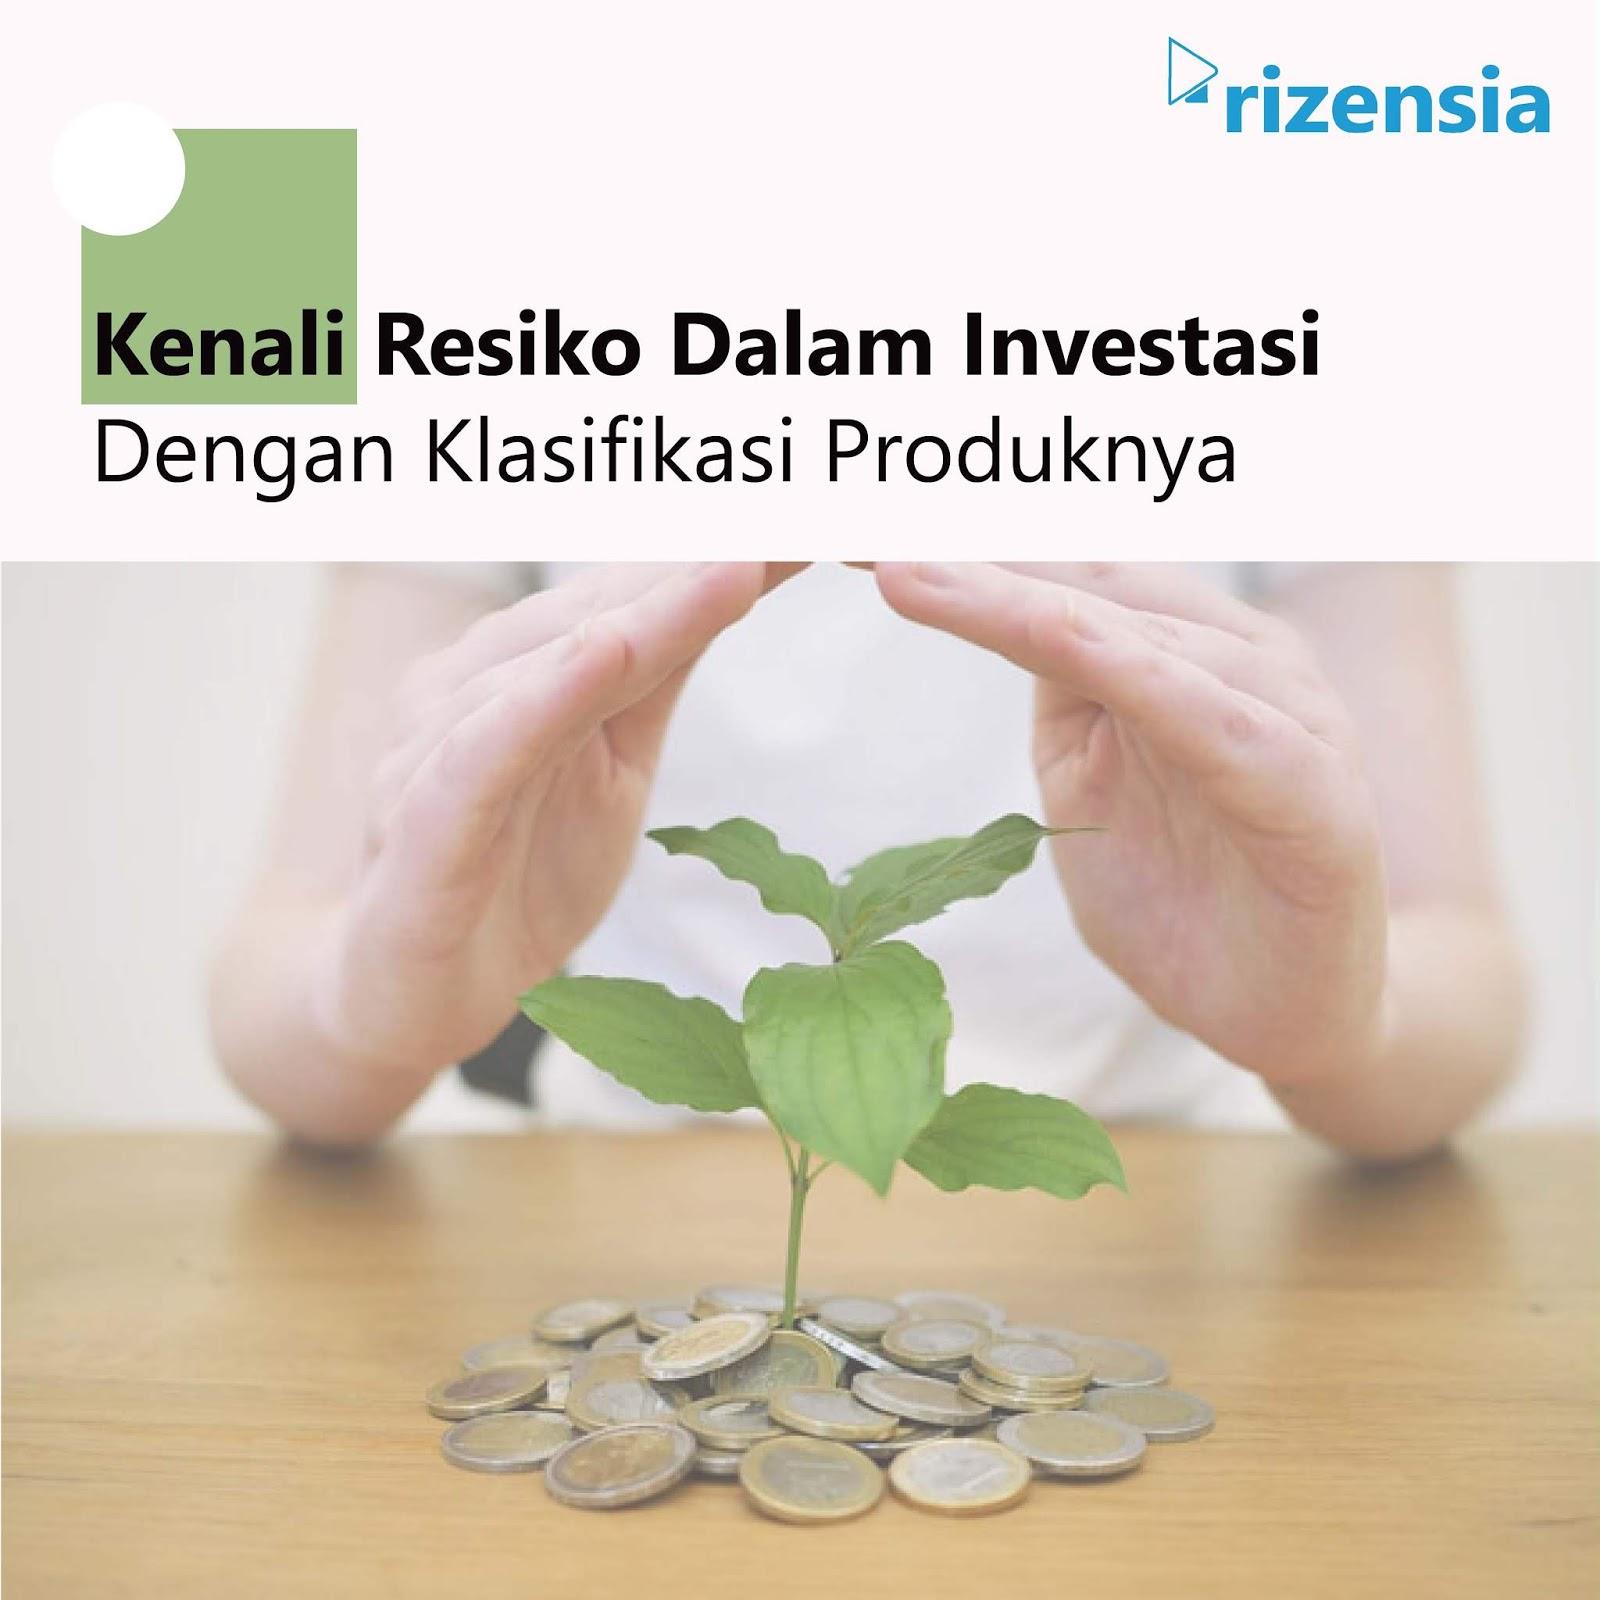 Kenali Resiko Dalam Investasi Dengan Klasifikasi Produknya